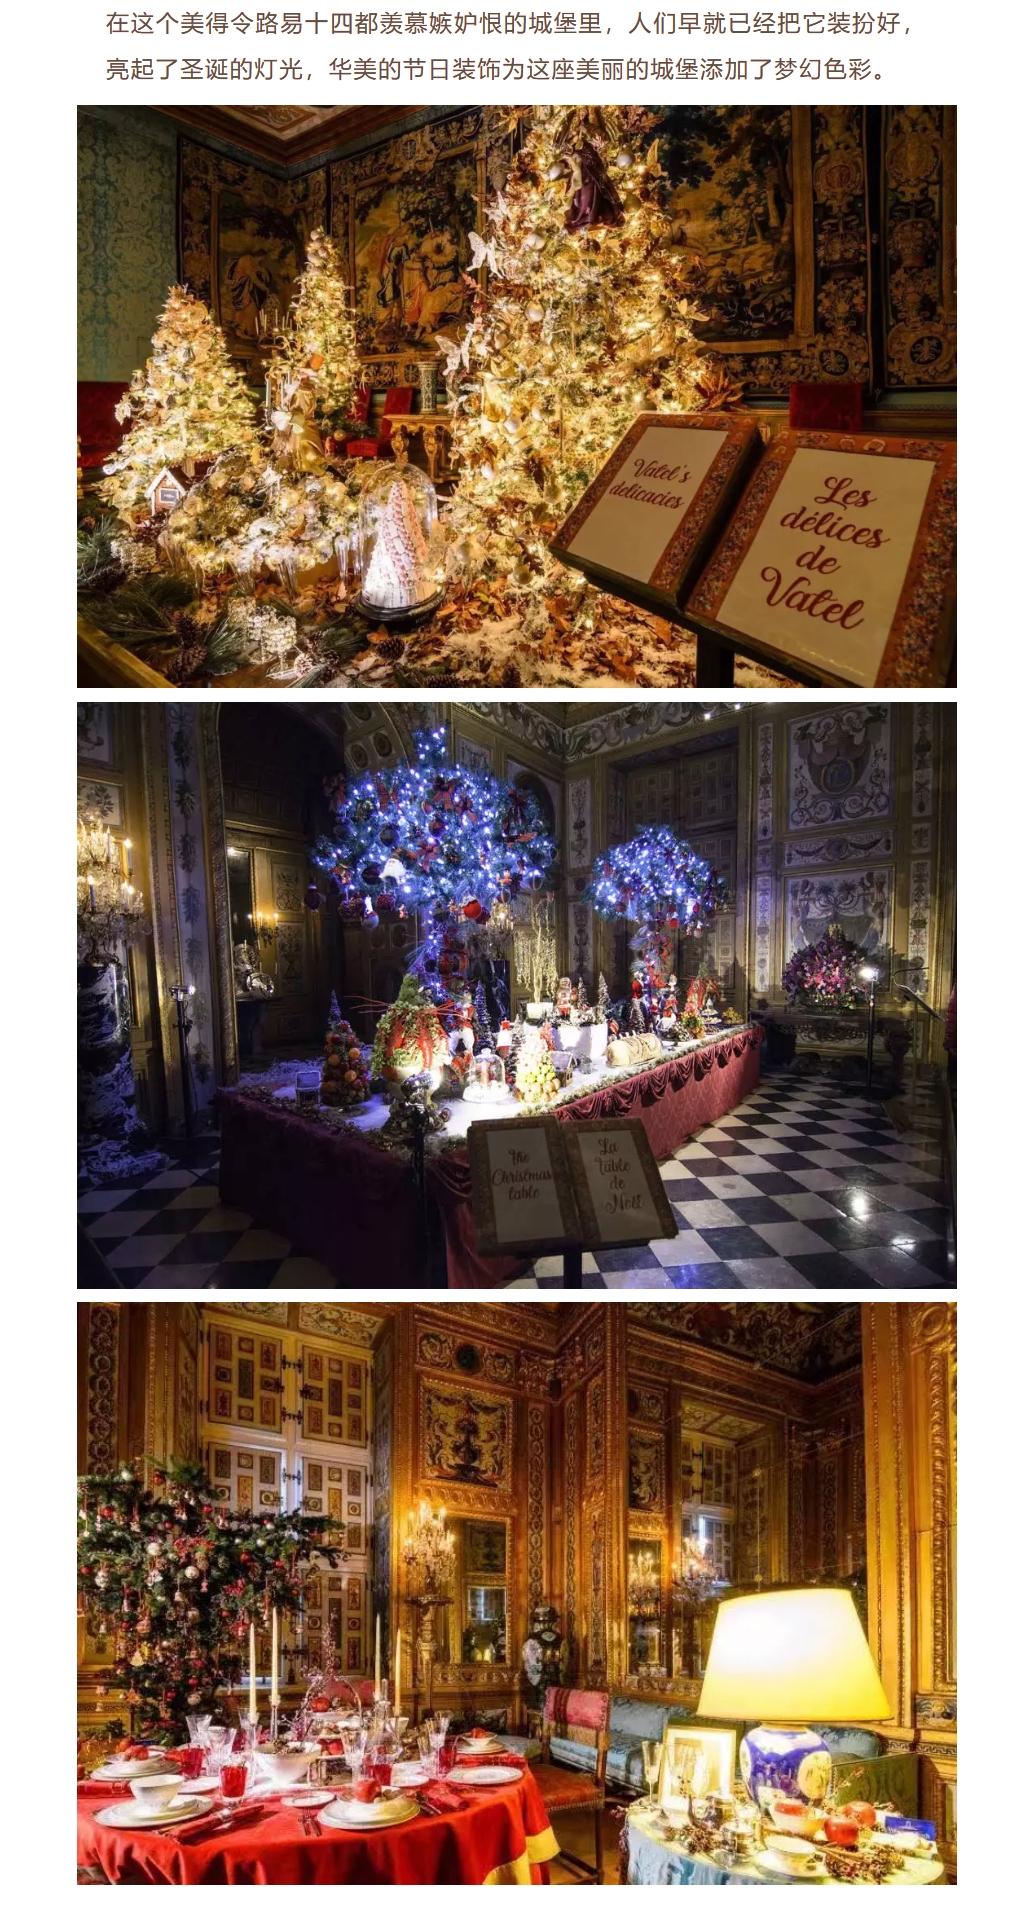 12月16日|到沃子爵城堡看圣诞灯光